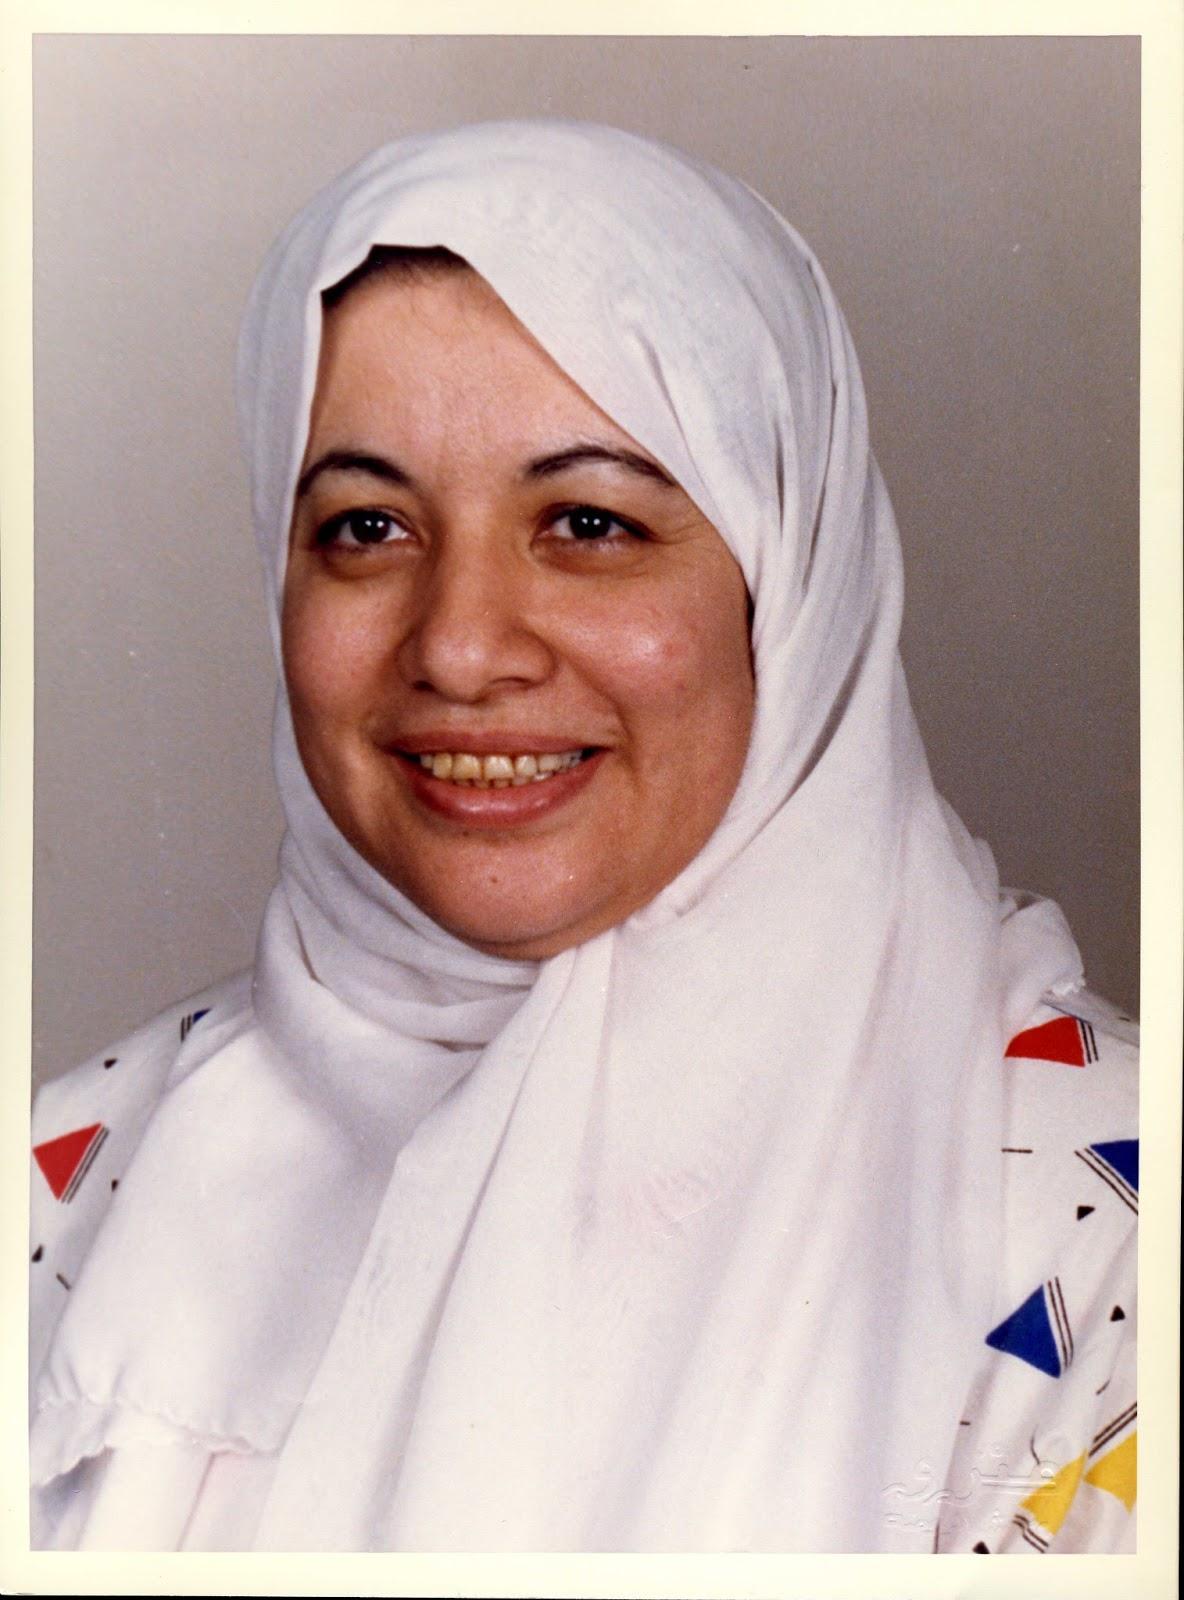 """مراجعات على برنامج صحوة حلقة 22″ توظيف الدين لخدمة السياسة"""" (15) الفرويدية وأثرها على الأدب العربي"""